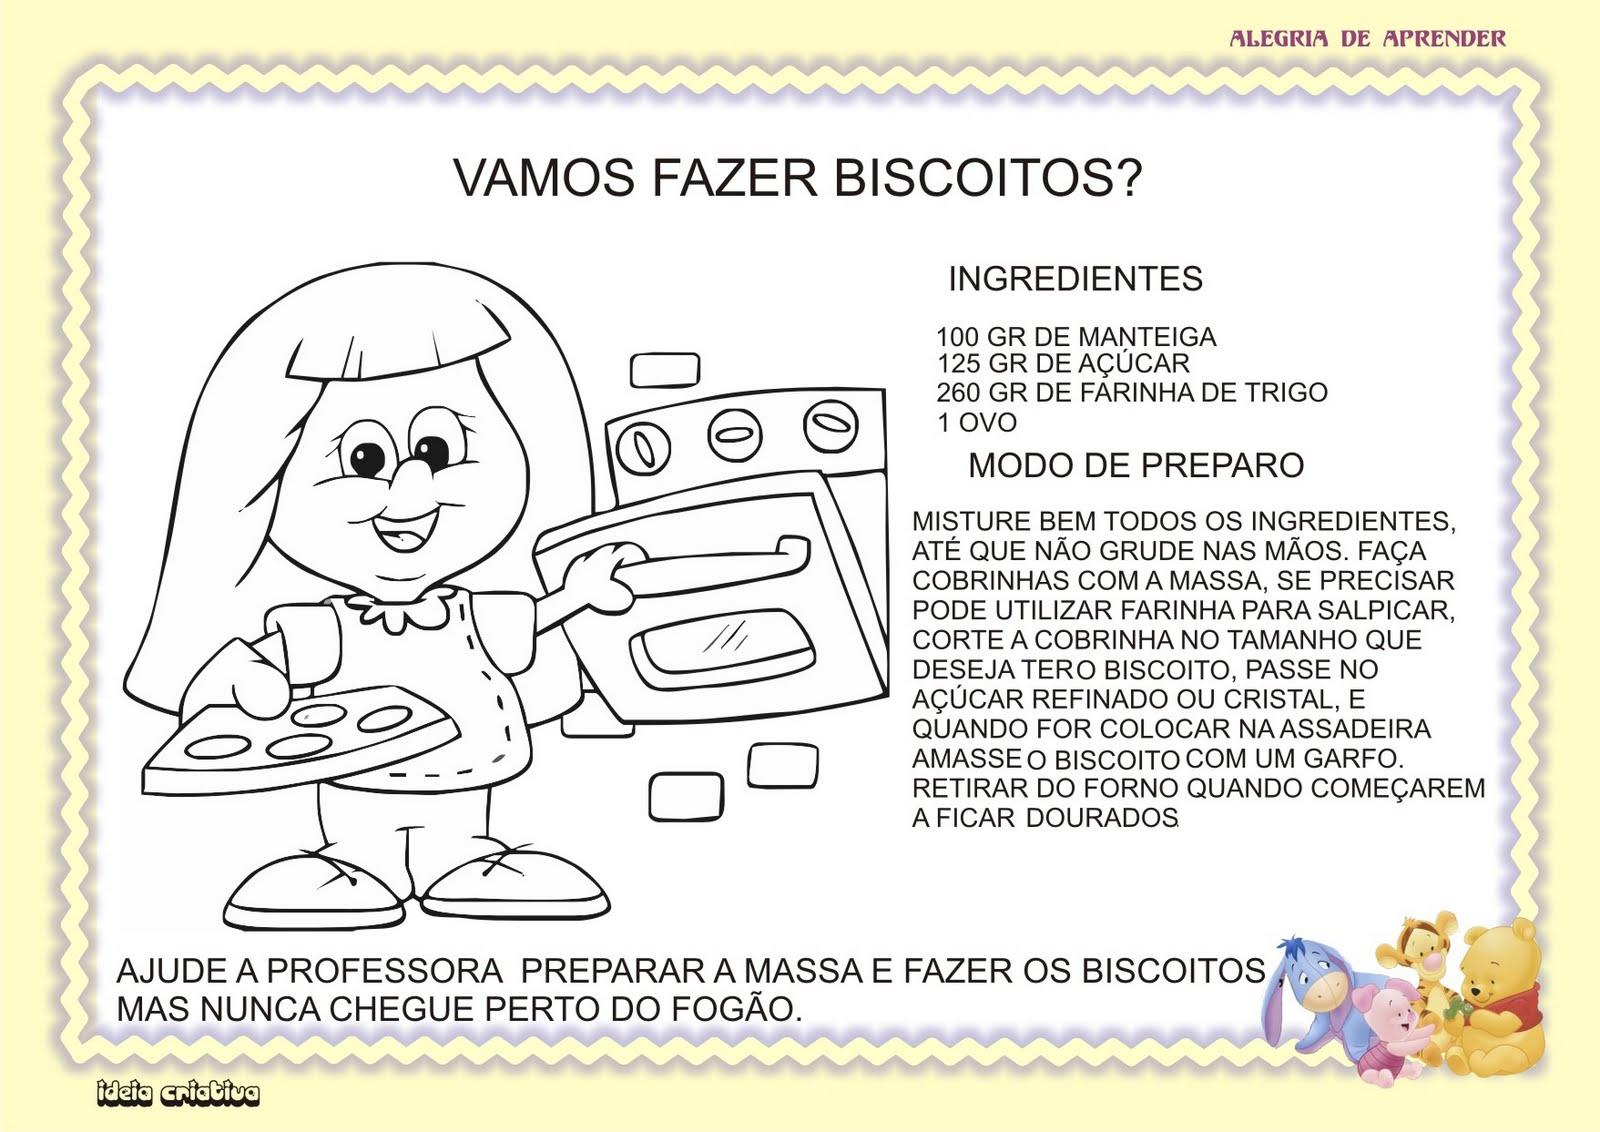 Extremamente TRABALHANDO COM RECEITAS | Ideia Criativa - Gi Barbosa Educação  SB74